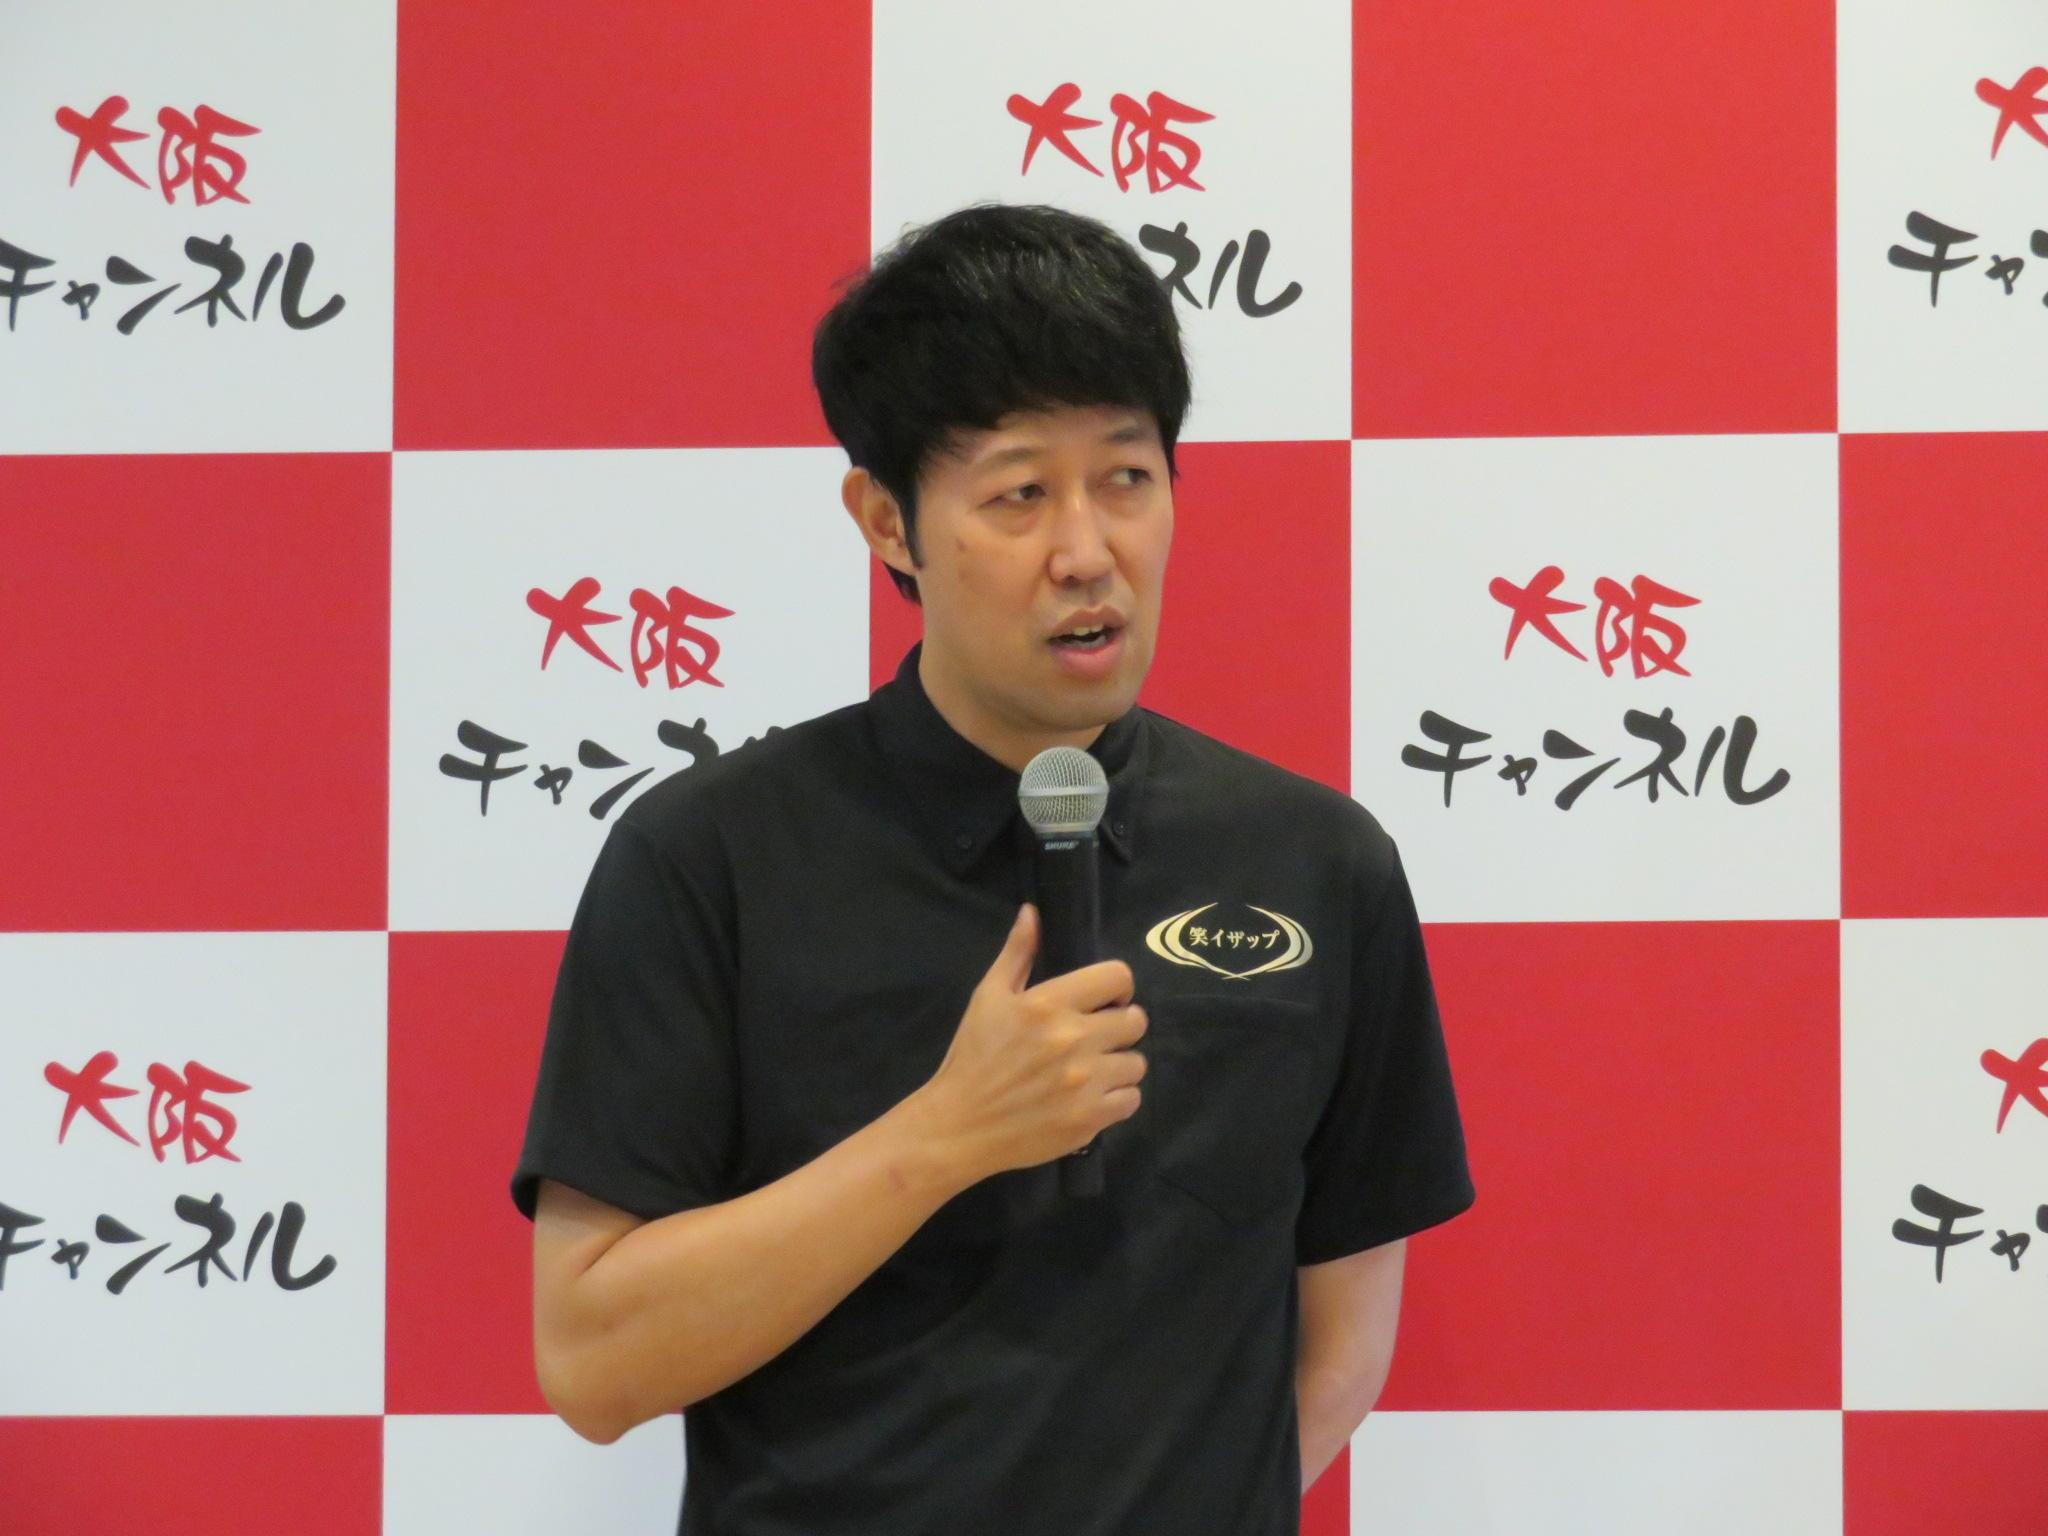 http://news.yoshimoto.co.jp/20180913215547-baa93332dcef23683a3e14f13850255c84fce1dd.jpg